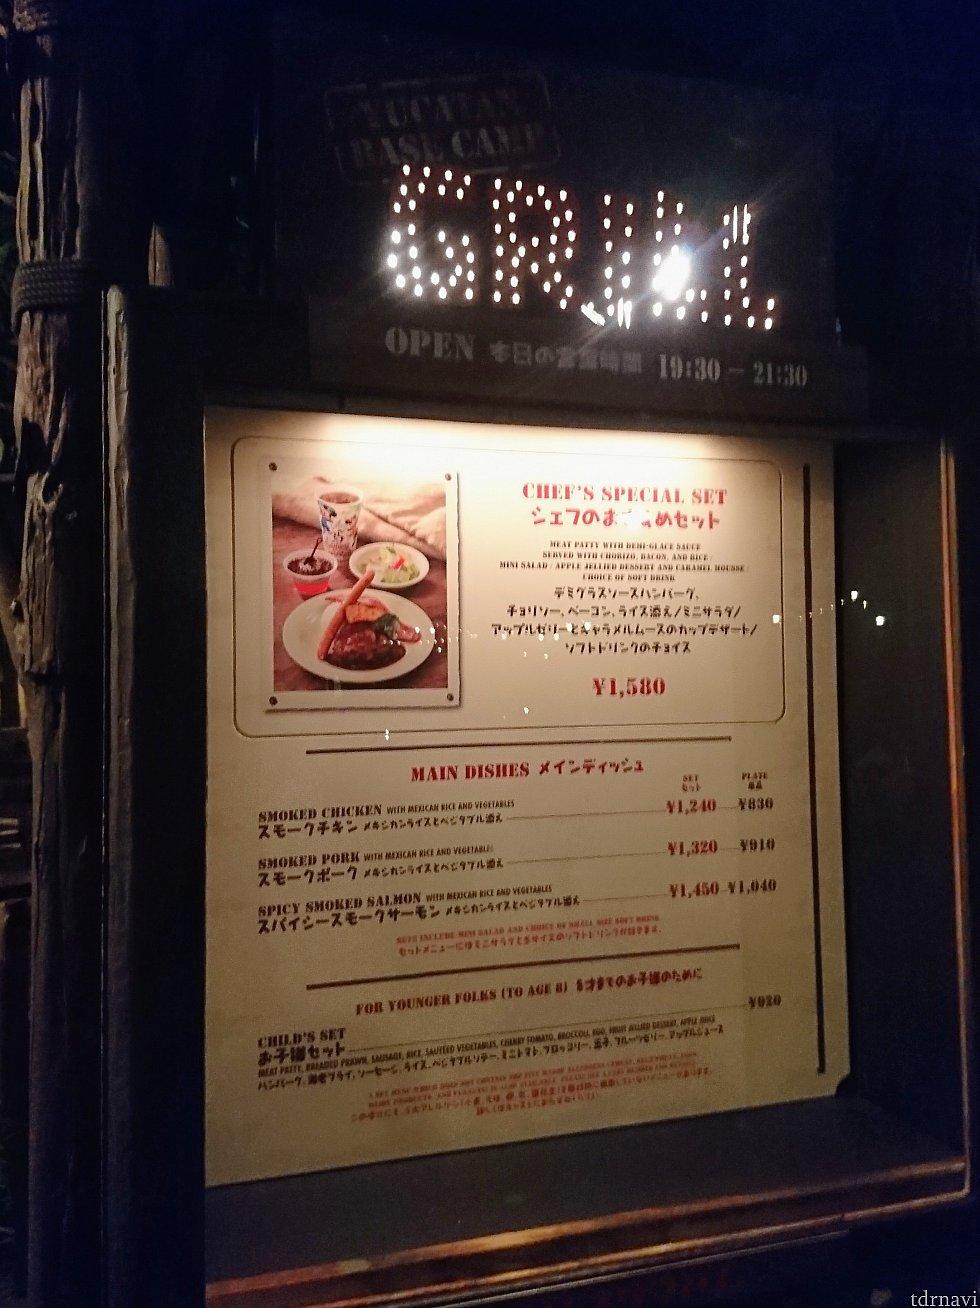 夕ご飯はユカタン。オーダーストップは21:30。